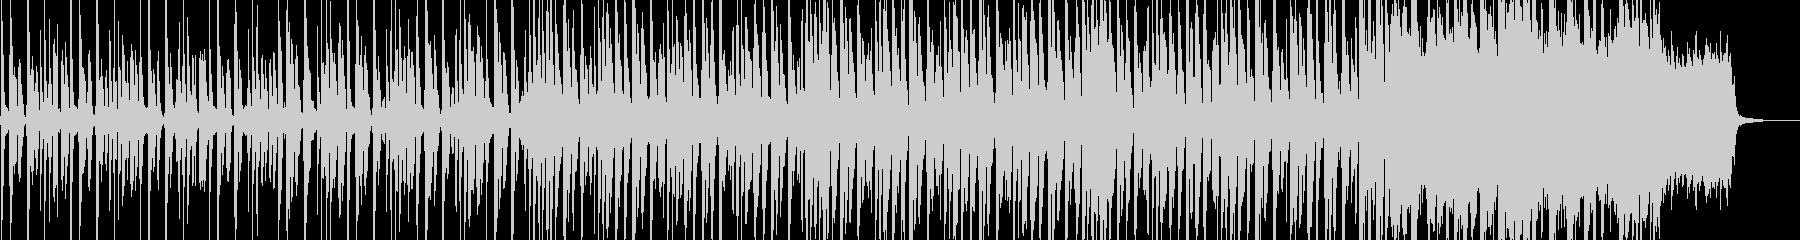 コミカルなピチカートとストリングスの曲の未再生の波形